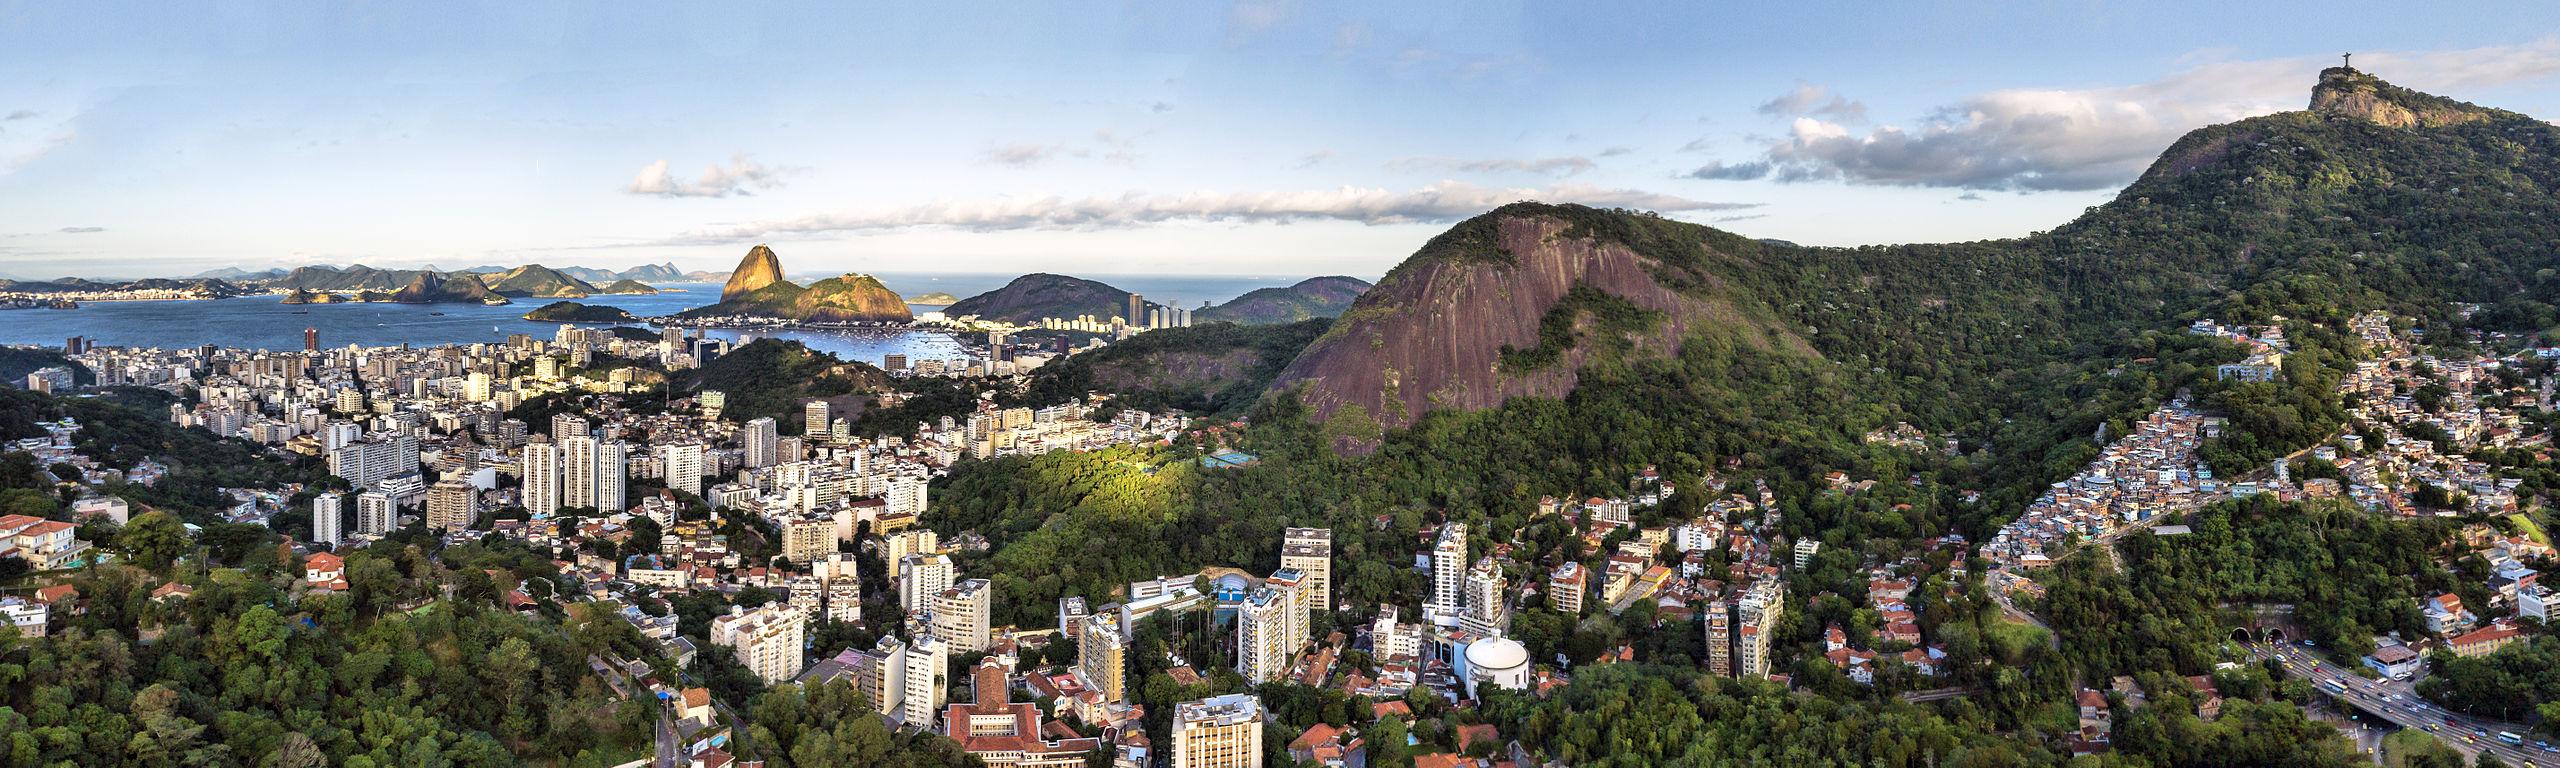 The Best Restaurants In Santa Teresa Rio De Janeiro